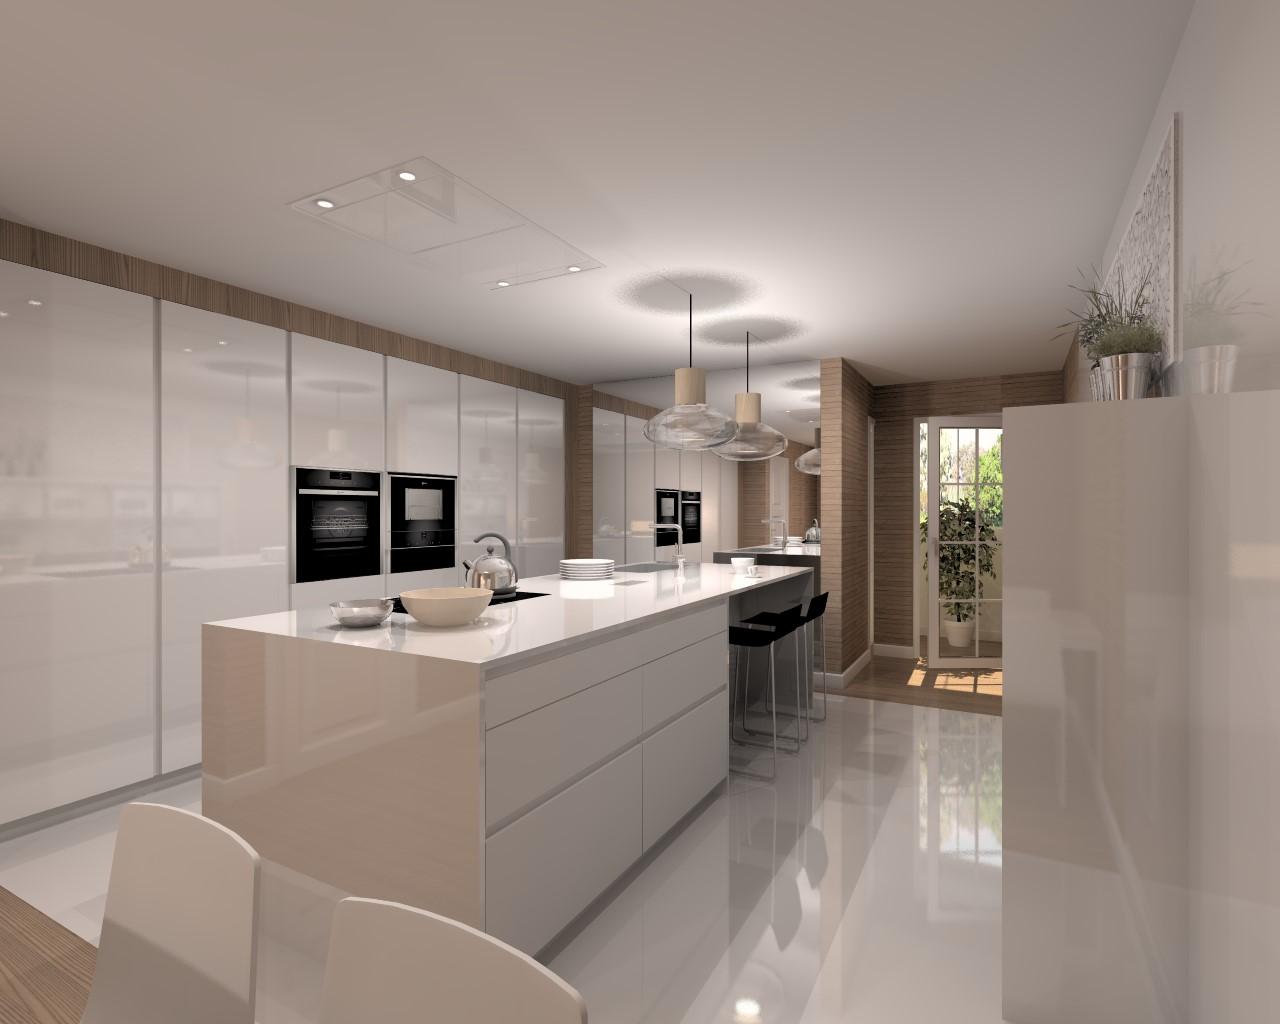 Proyectos de cocinas docrys cocinas for Azulejos cocina blanco brillo